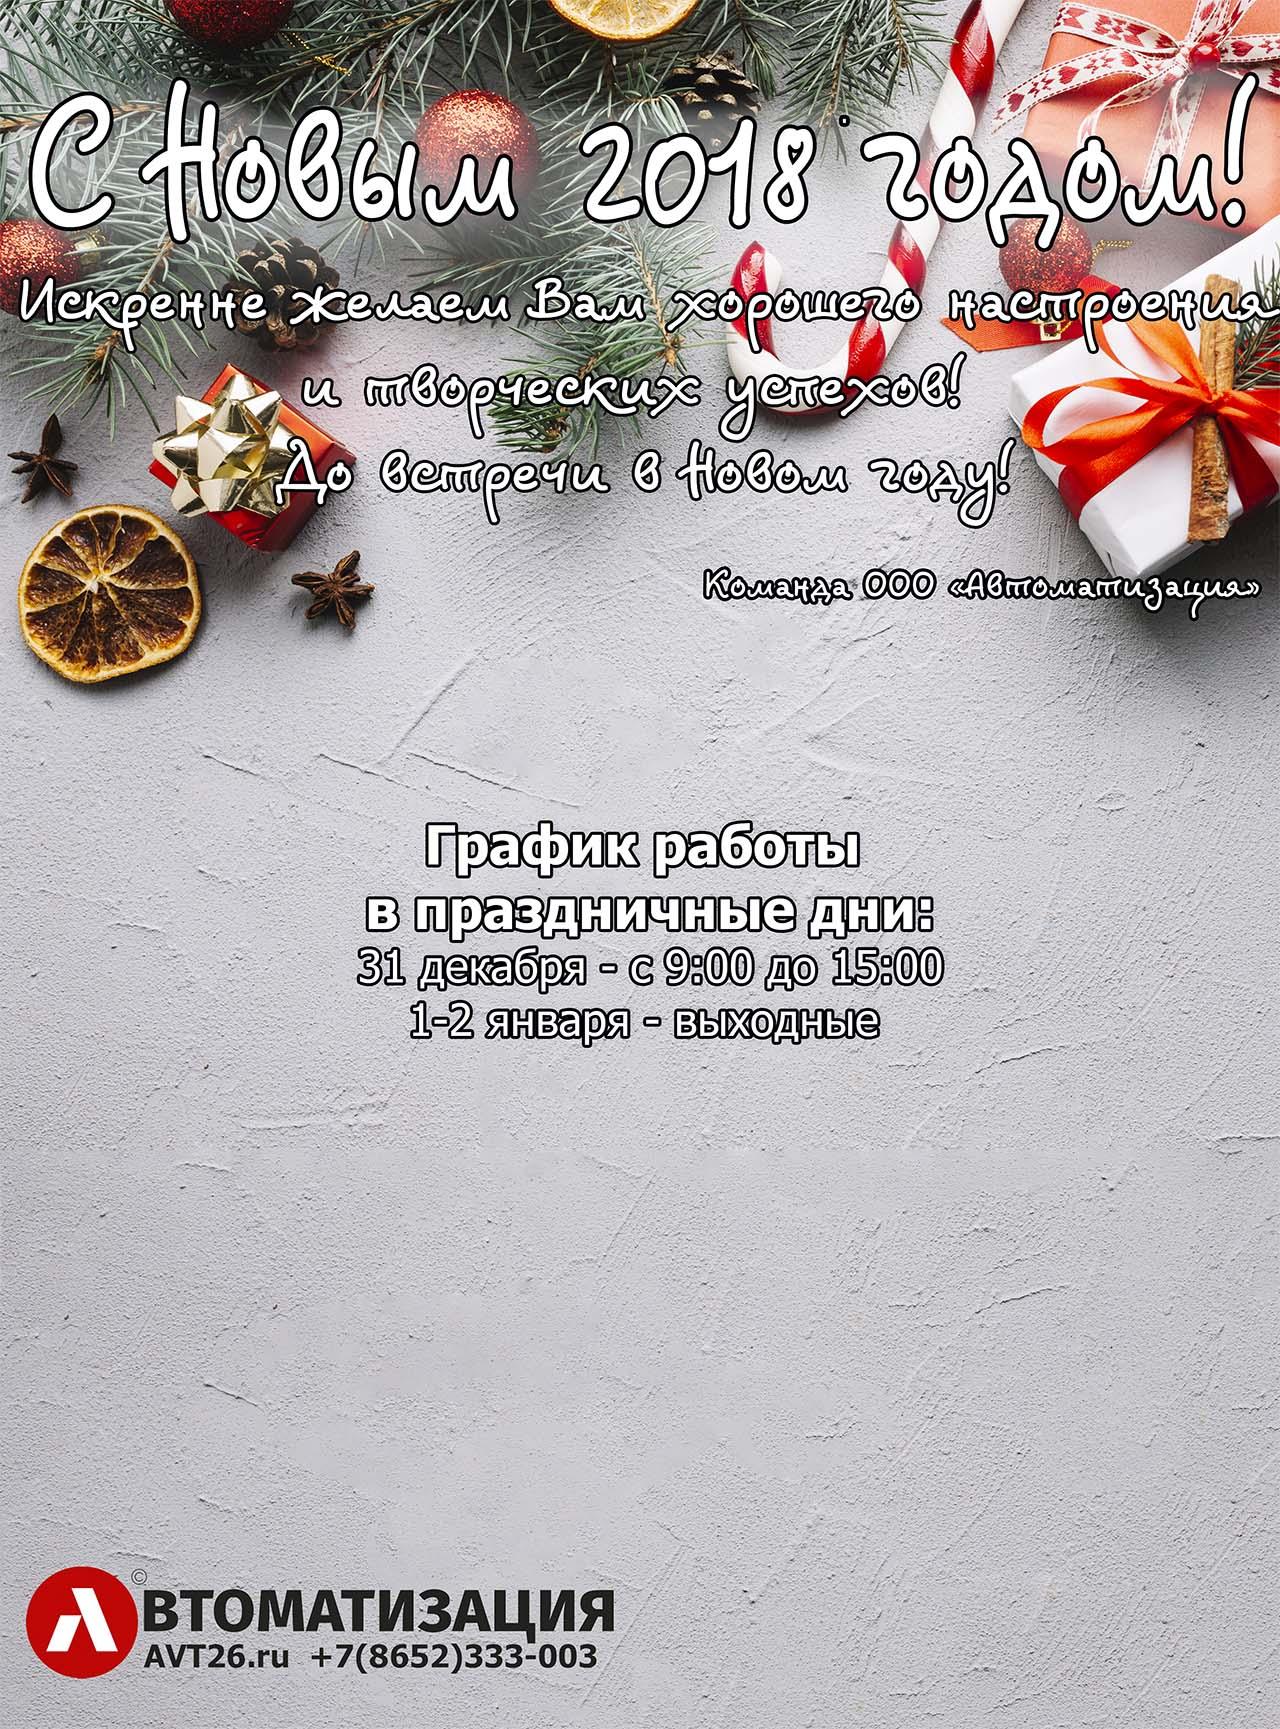 Сжатый_22.jpg